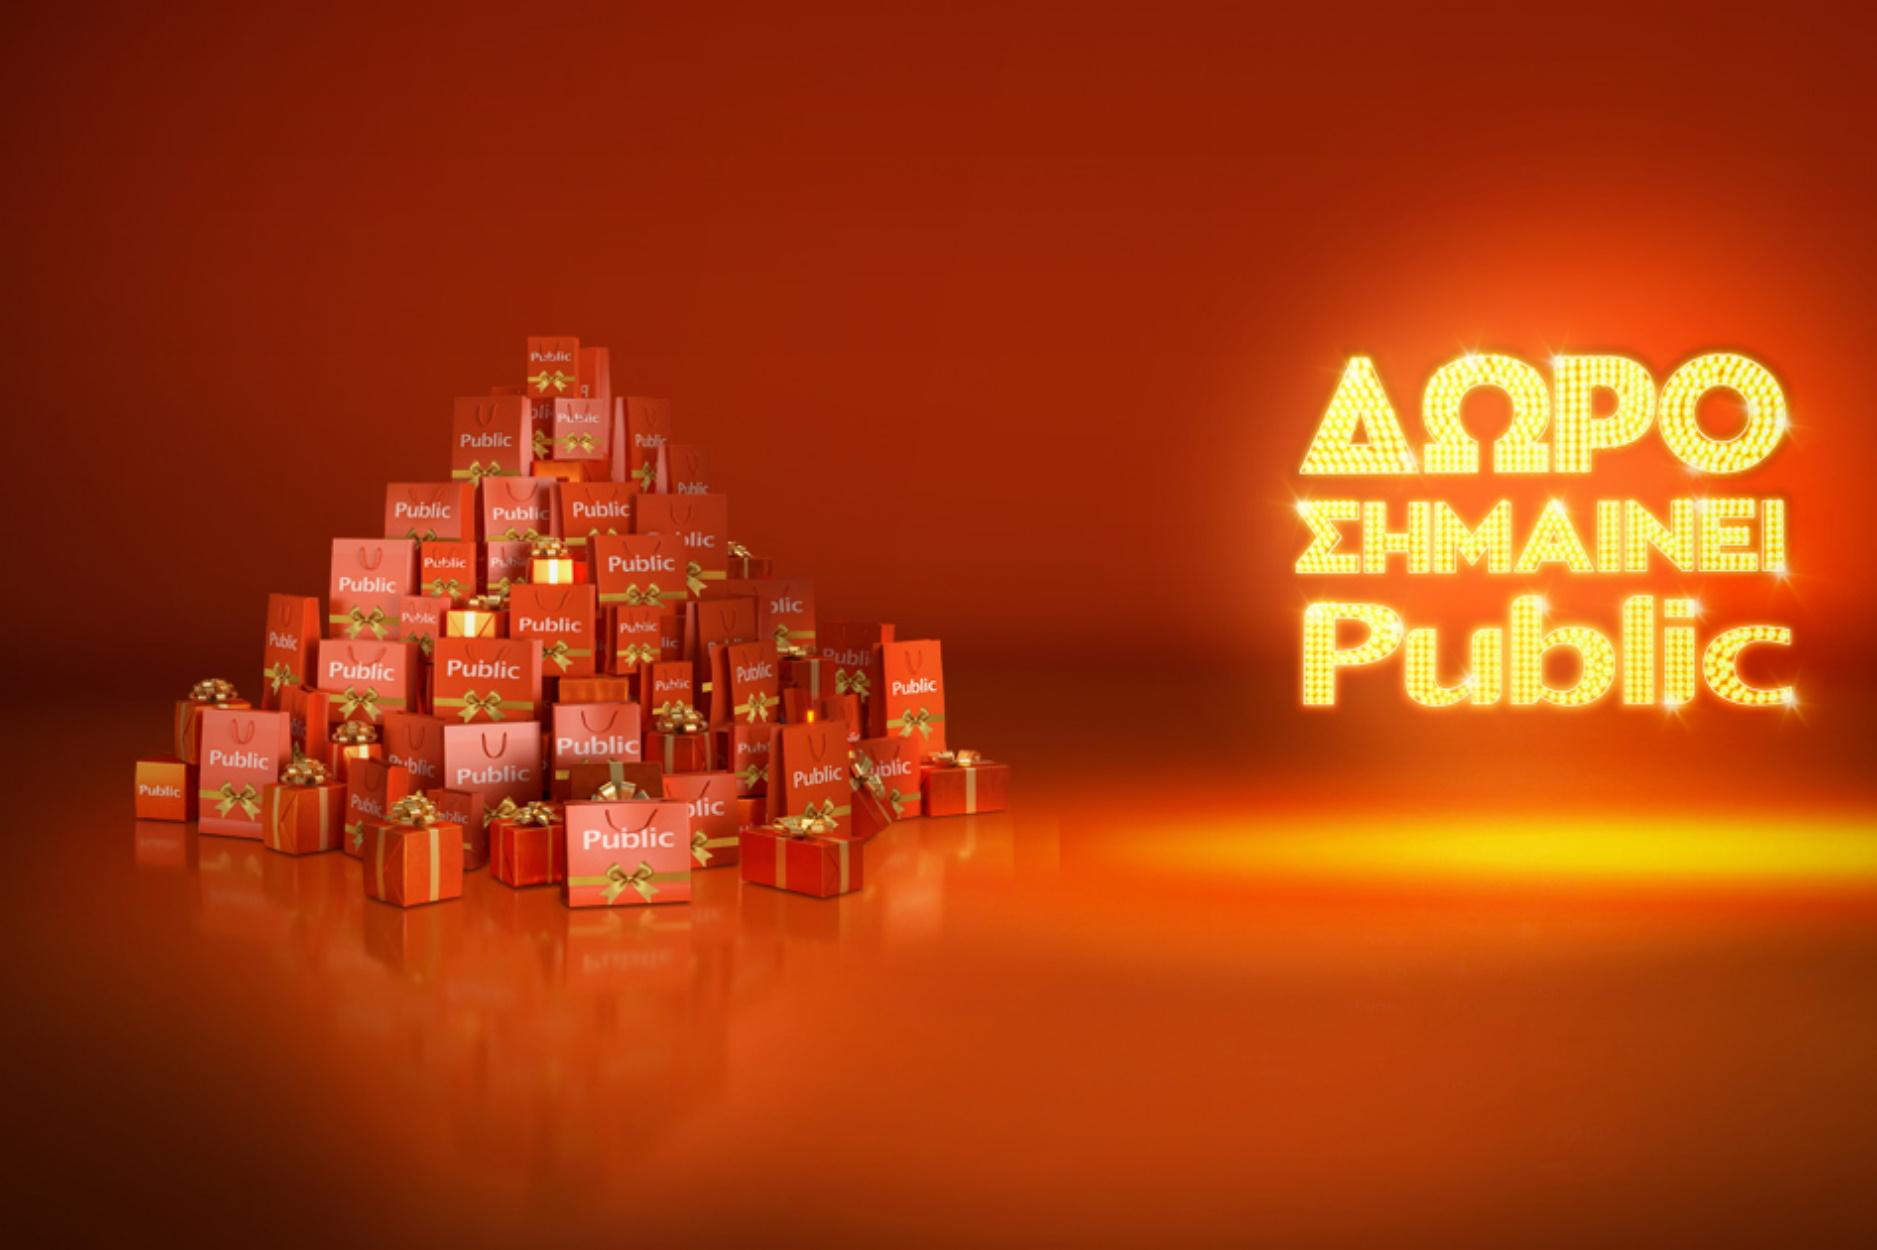 Δώρο σημαίνει Public. Πάνω από 1.500.000 δώρα τεχνολογίας και ψυχαγωγίας